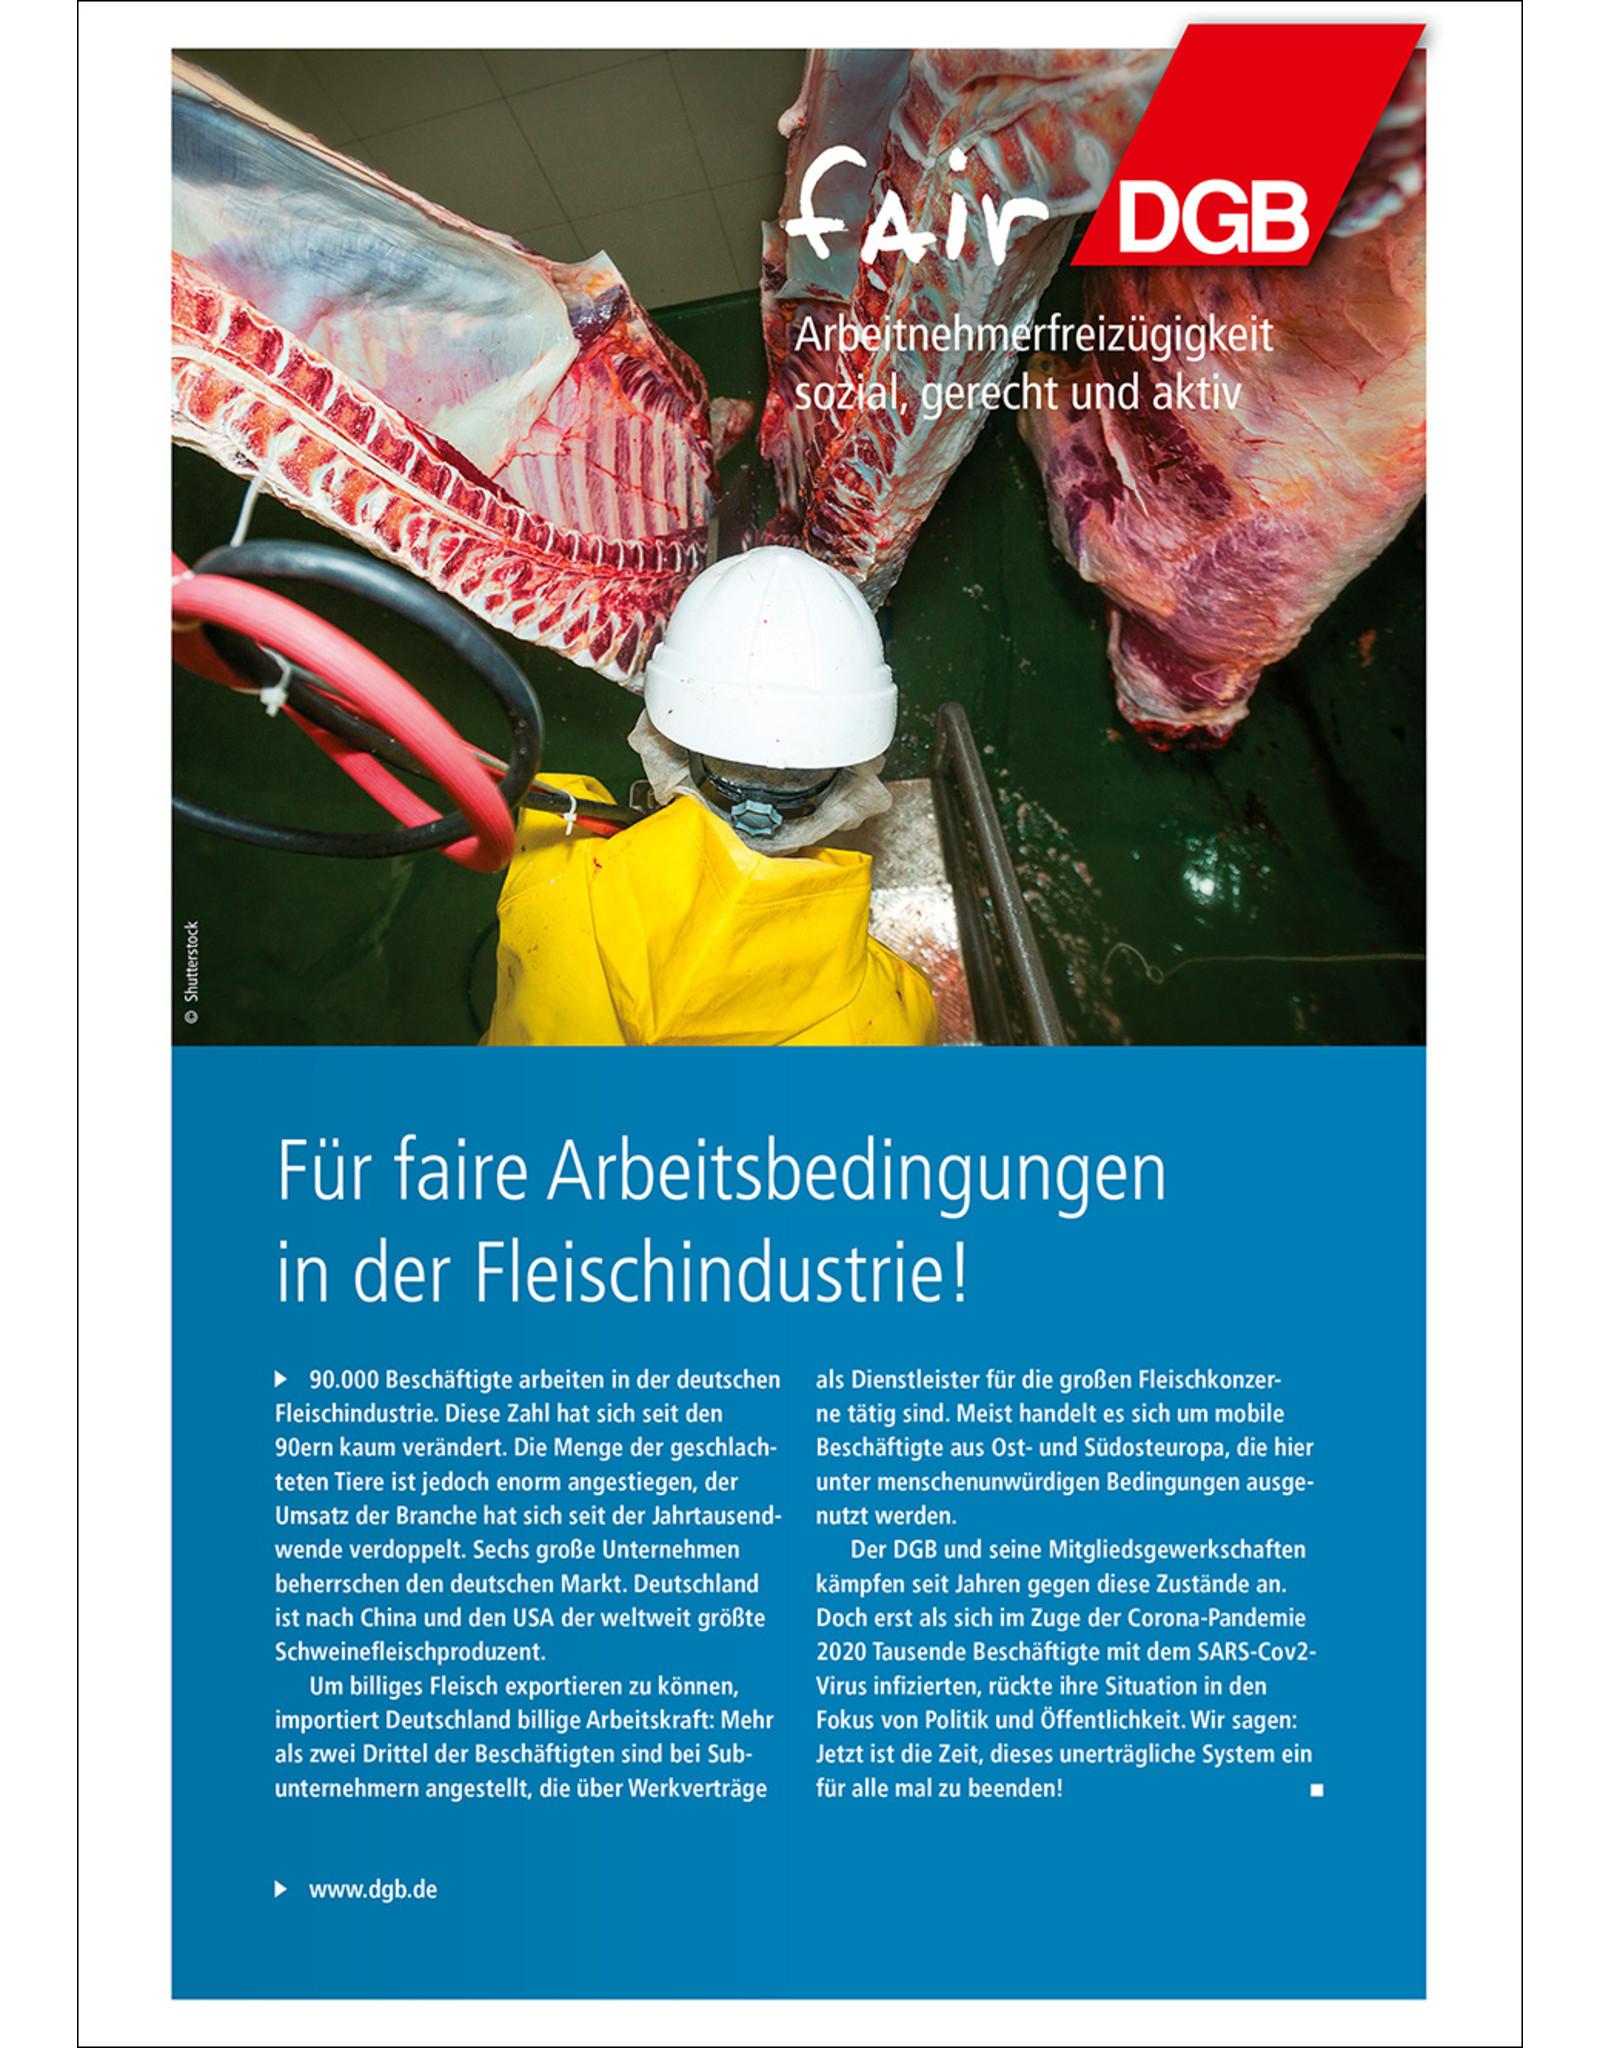 DGB-Faltblatt Arbeitsbedingungen in  der Fleischindustrie - A4,6 Seiten